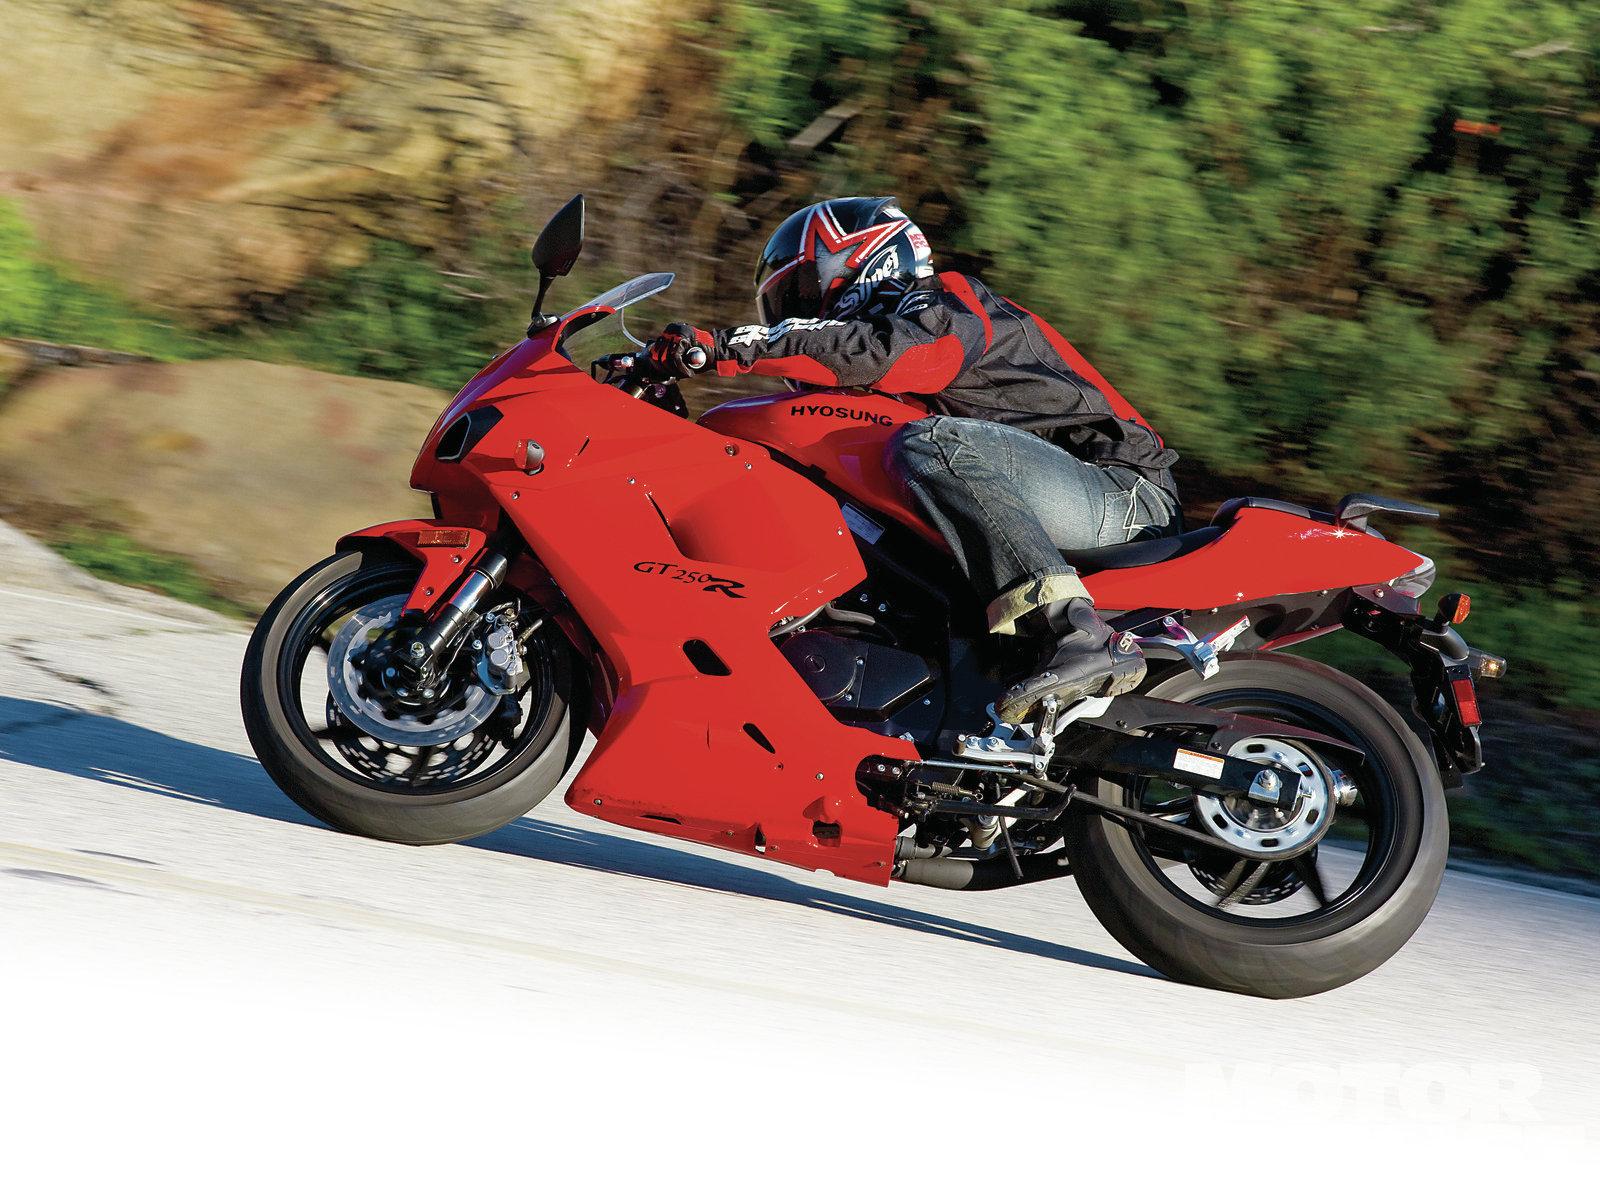 Honda Cbr250r Vs Hyosung Gt250r Vs Kawasaki Ninja 250r Mc